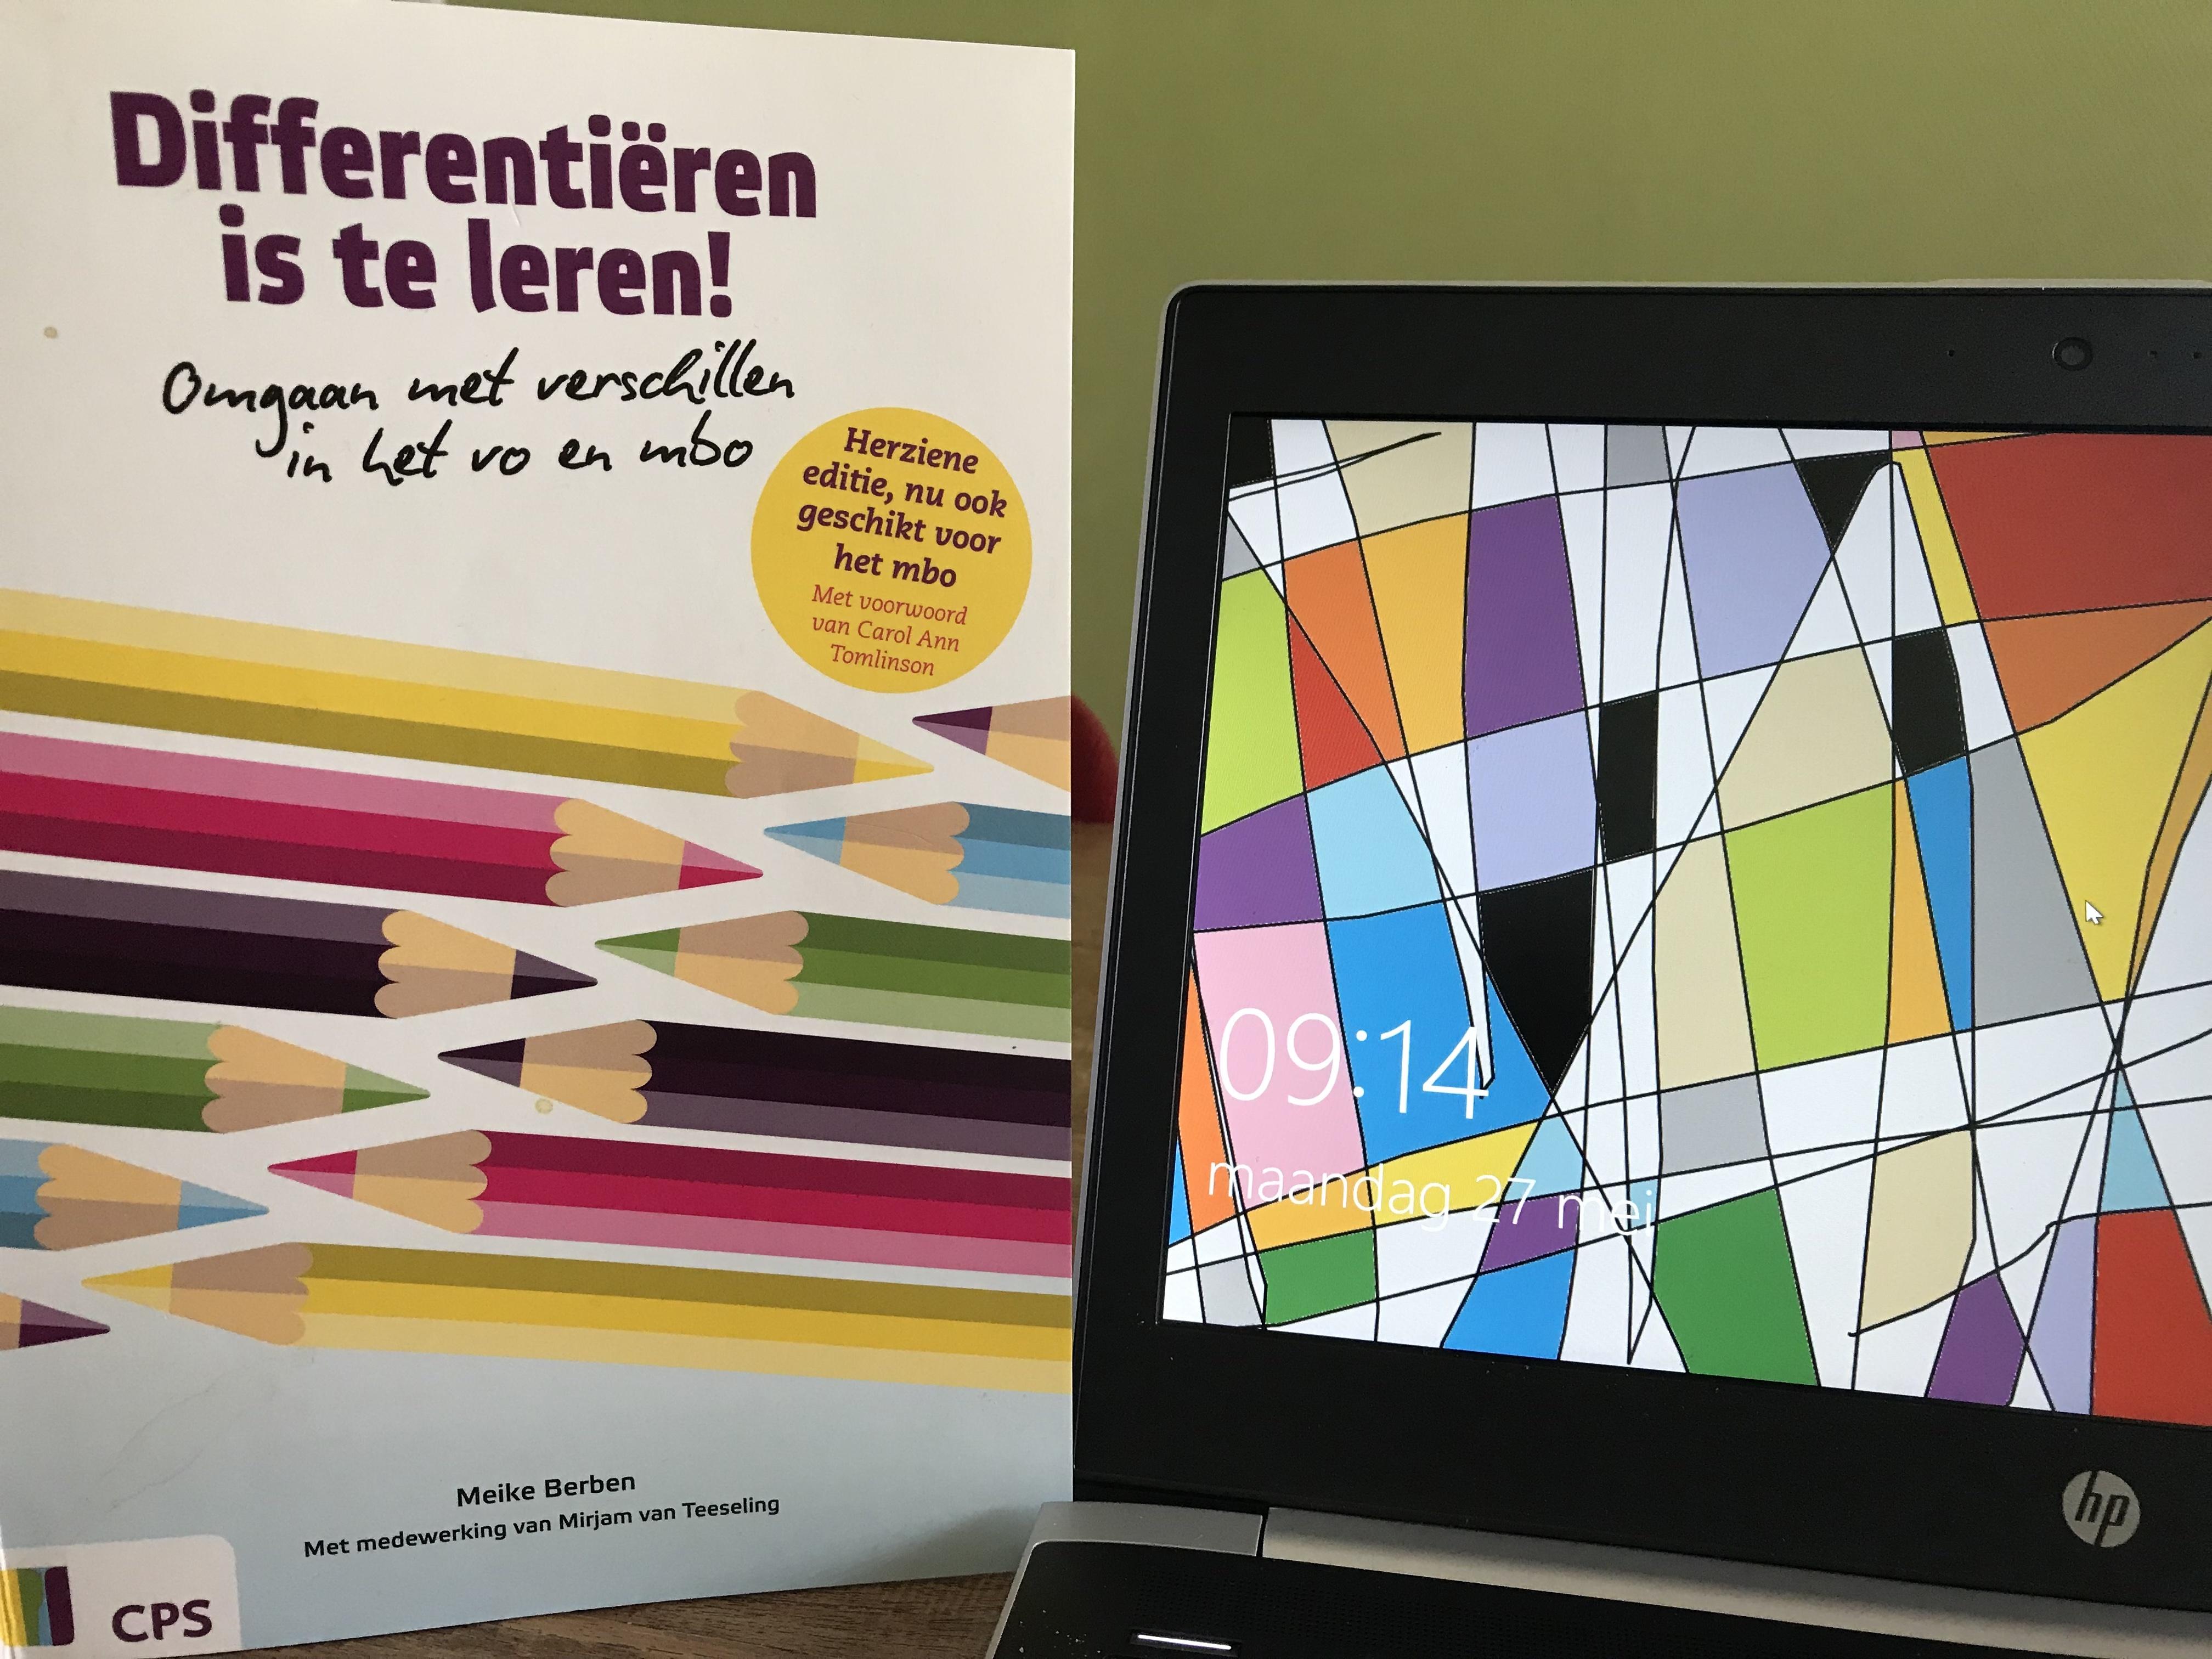 Differentiëren is te leren!